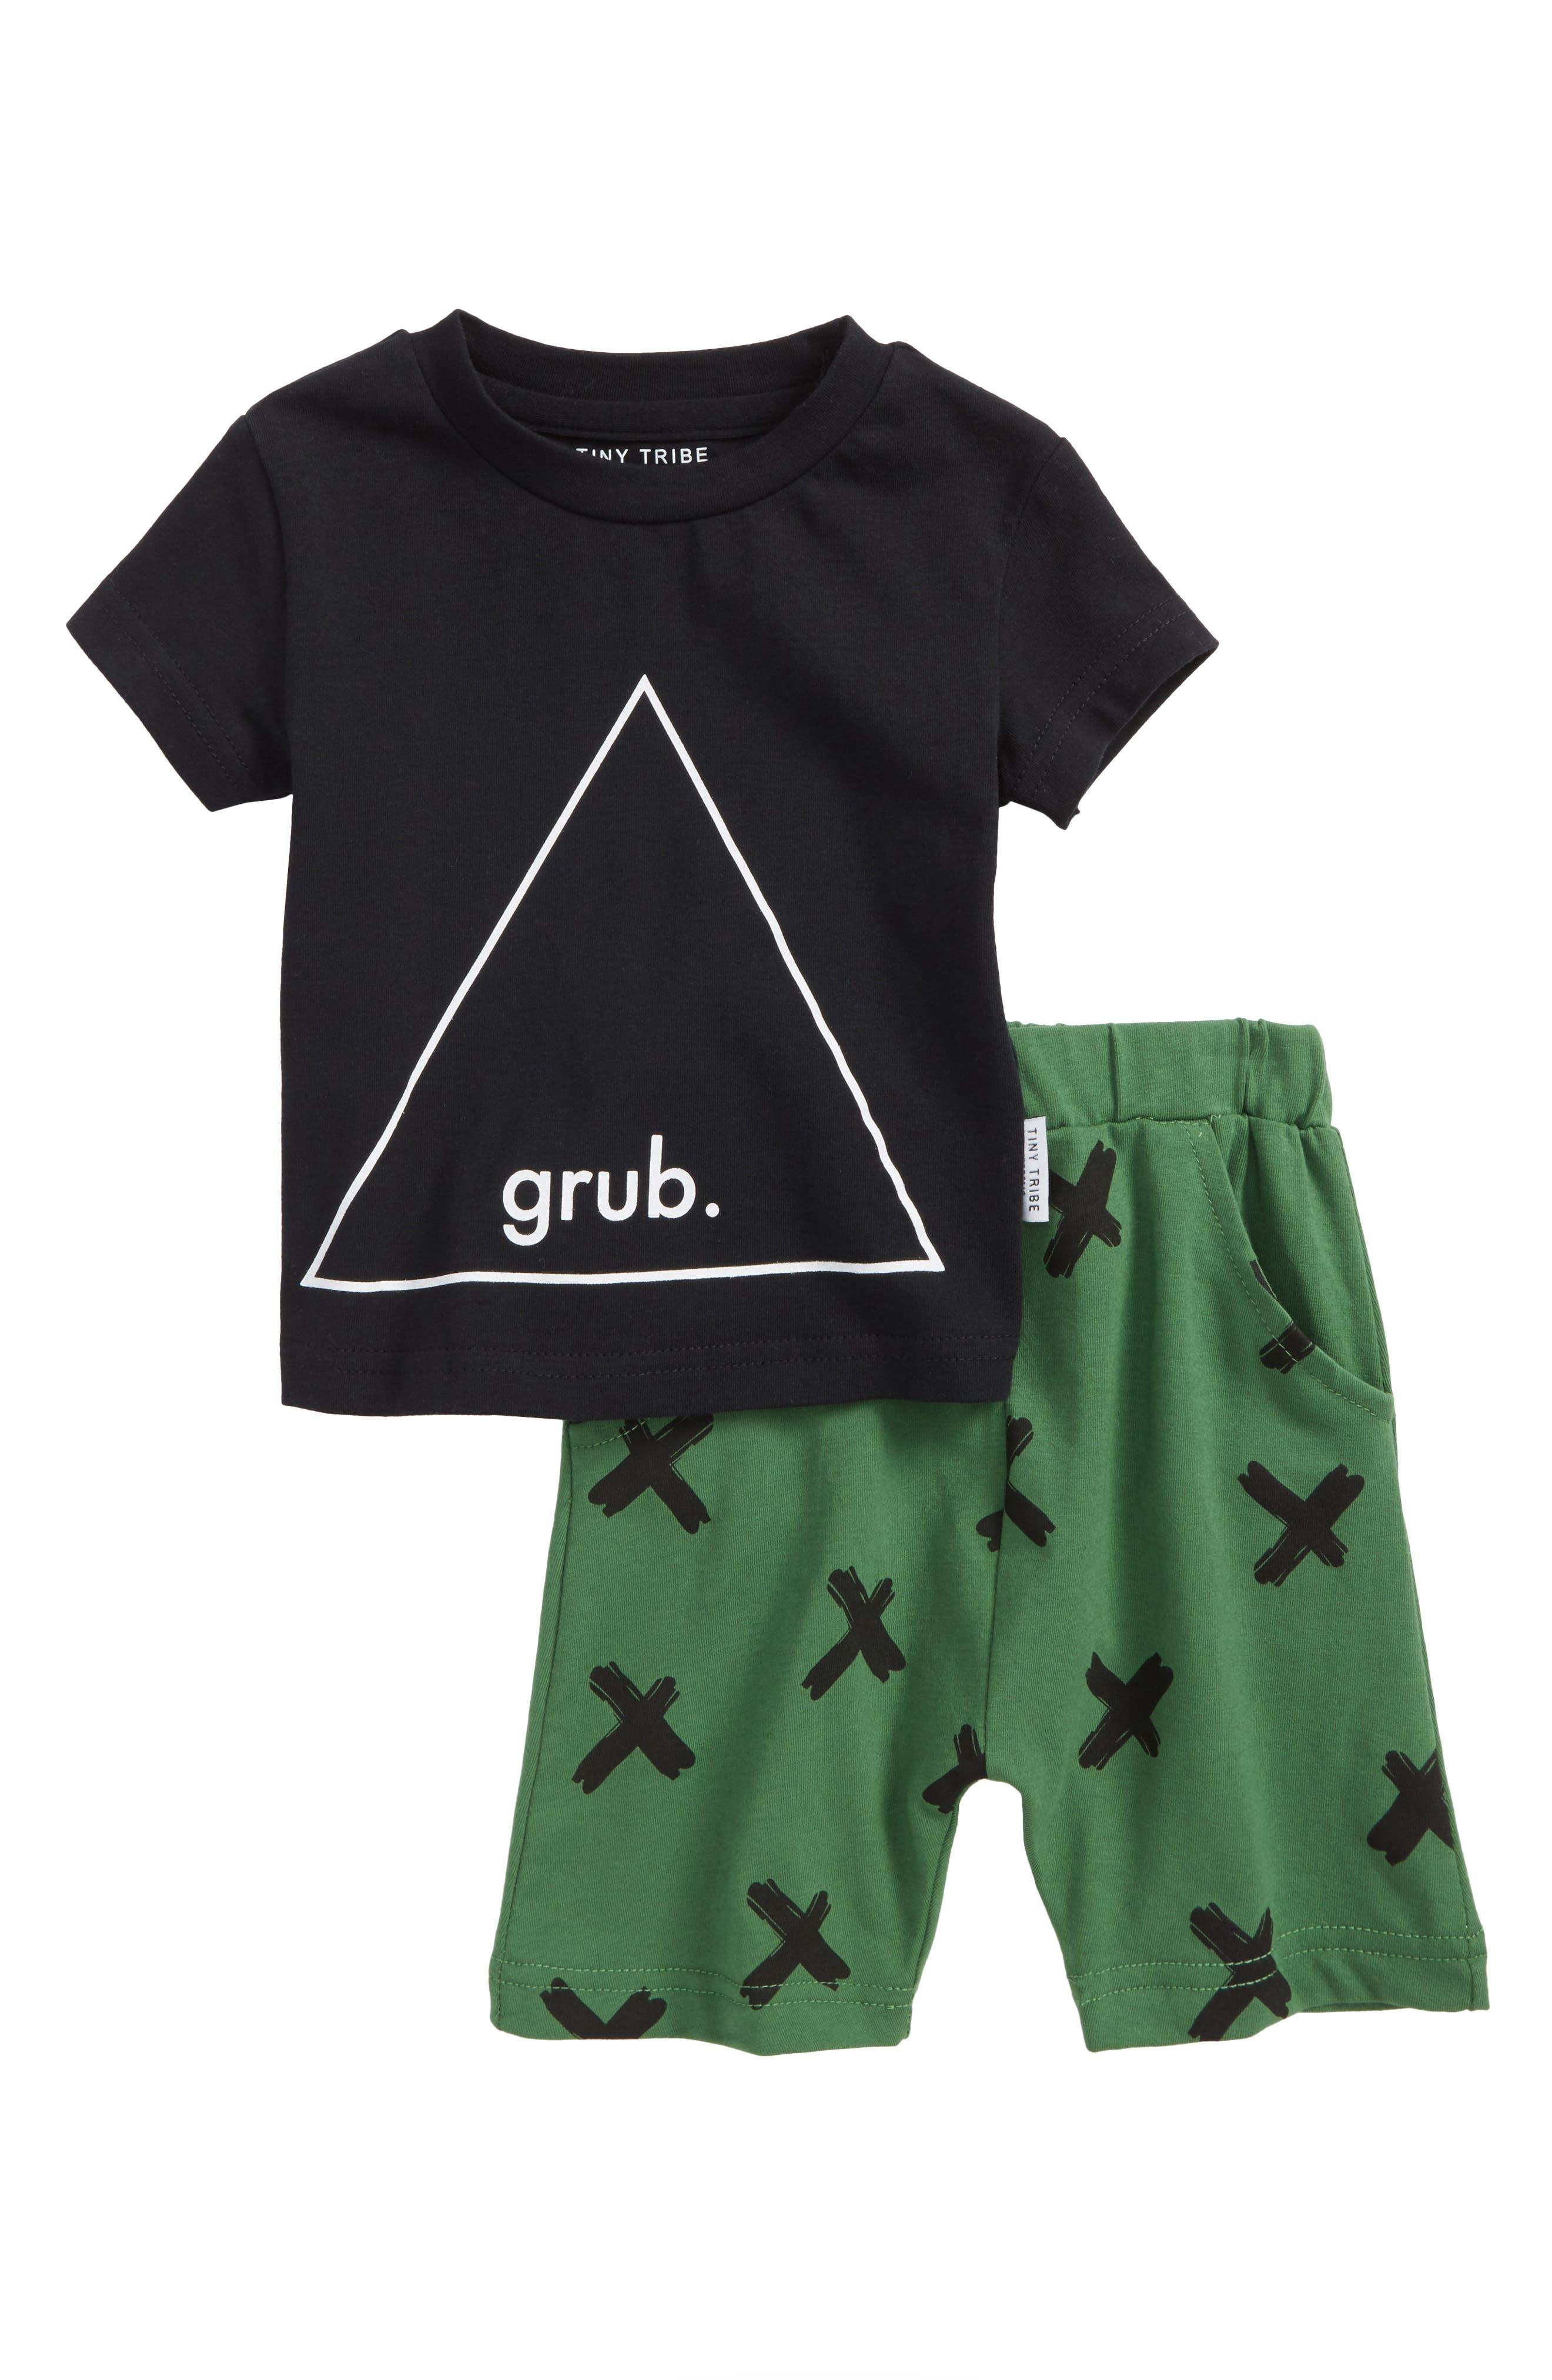 Main Image - Tiny Tribe Grub T-Shirt & Shorts Set (Baby Boys)